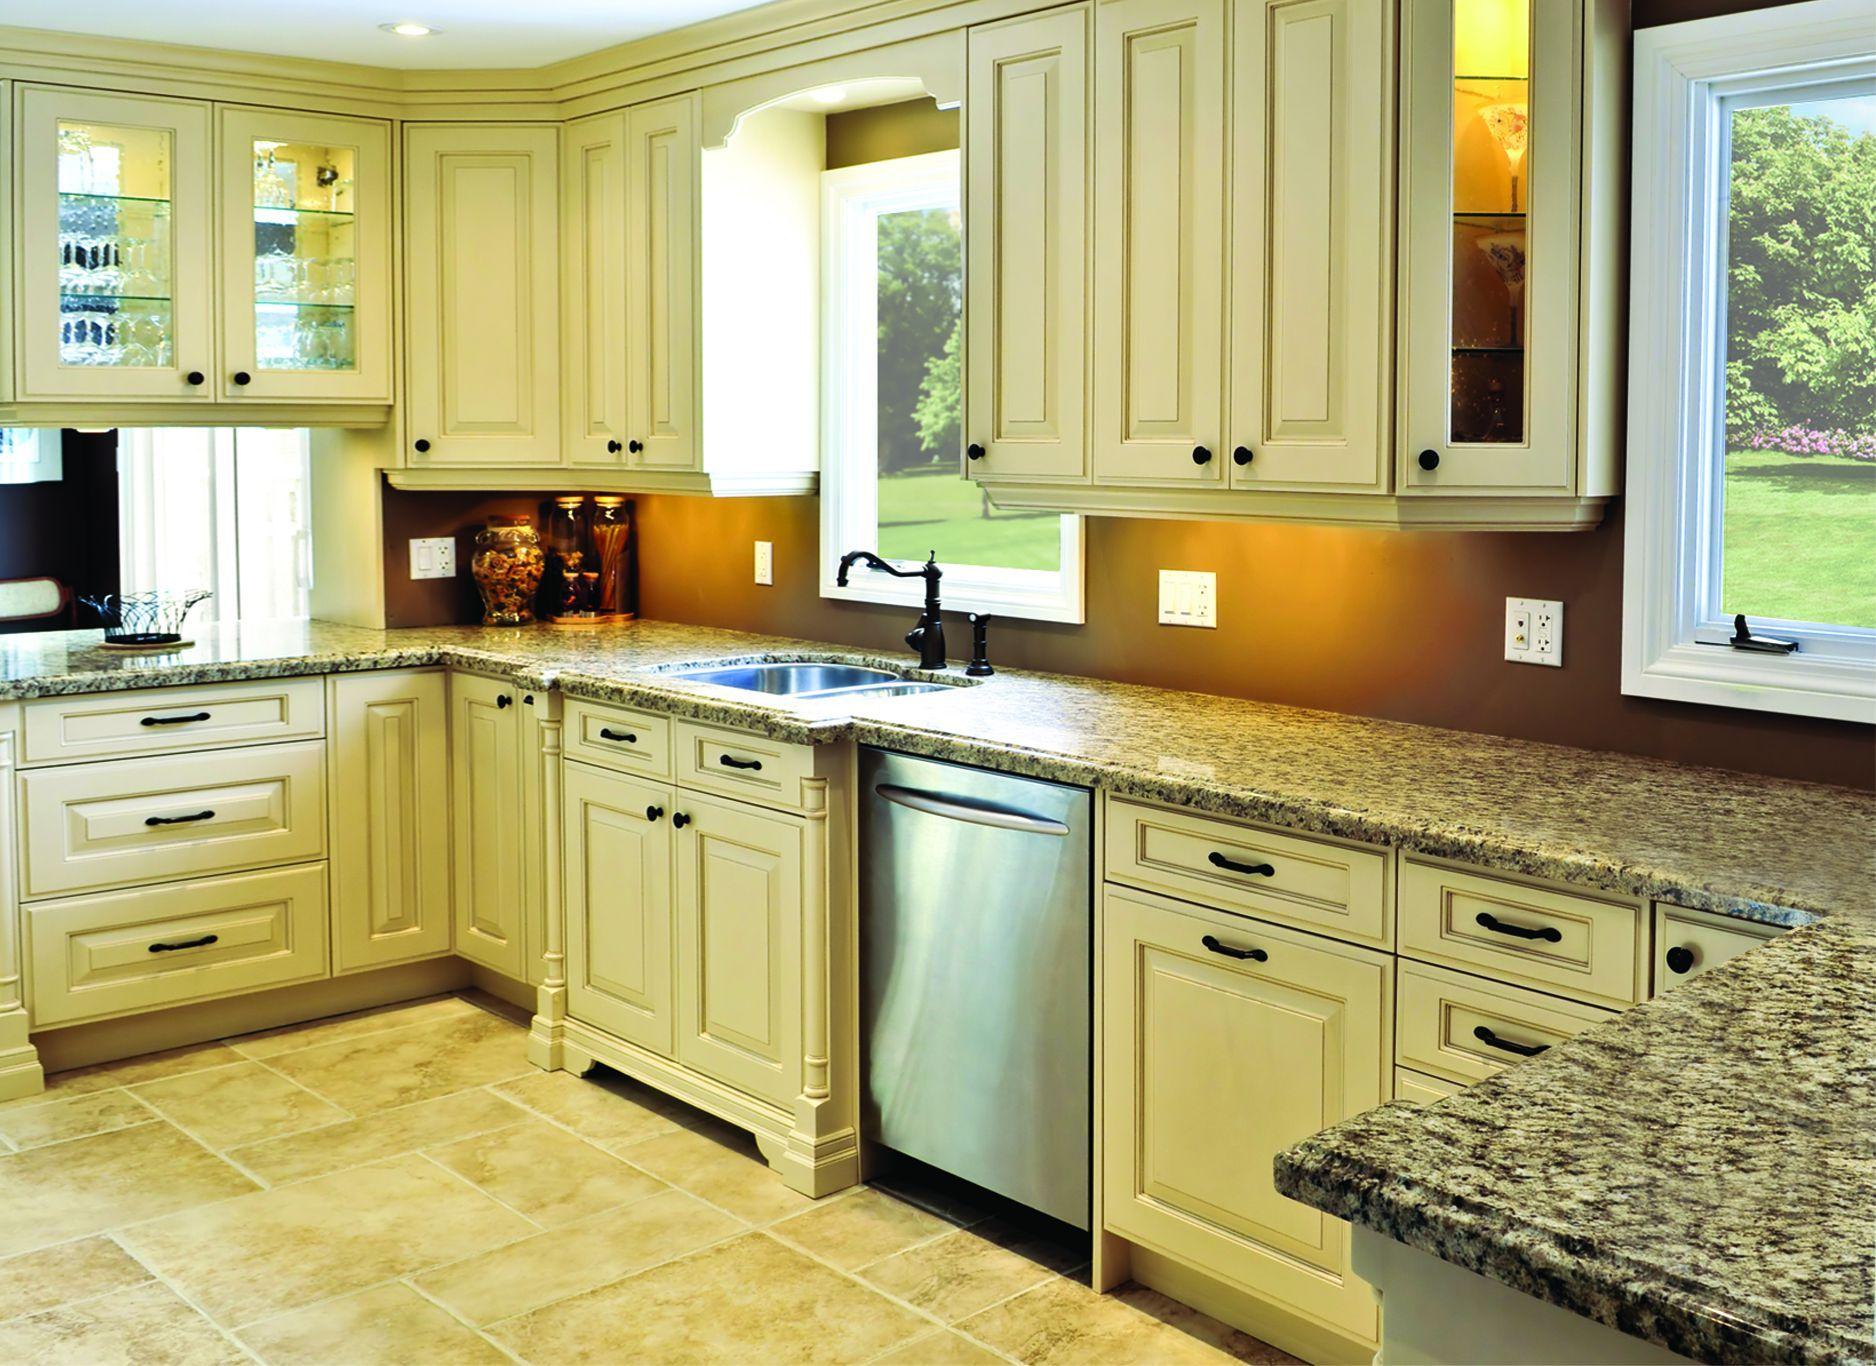 Einige Kuche Umbau Ideen Steigern Den Wert Ihres Hauses Sie Planen